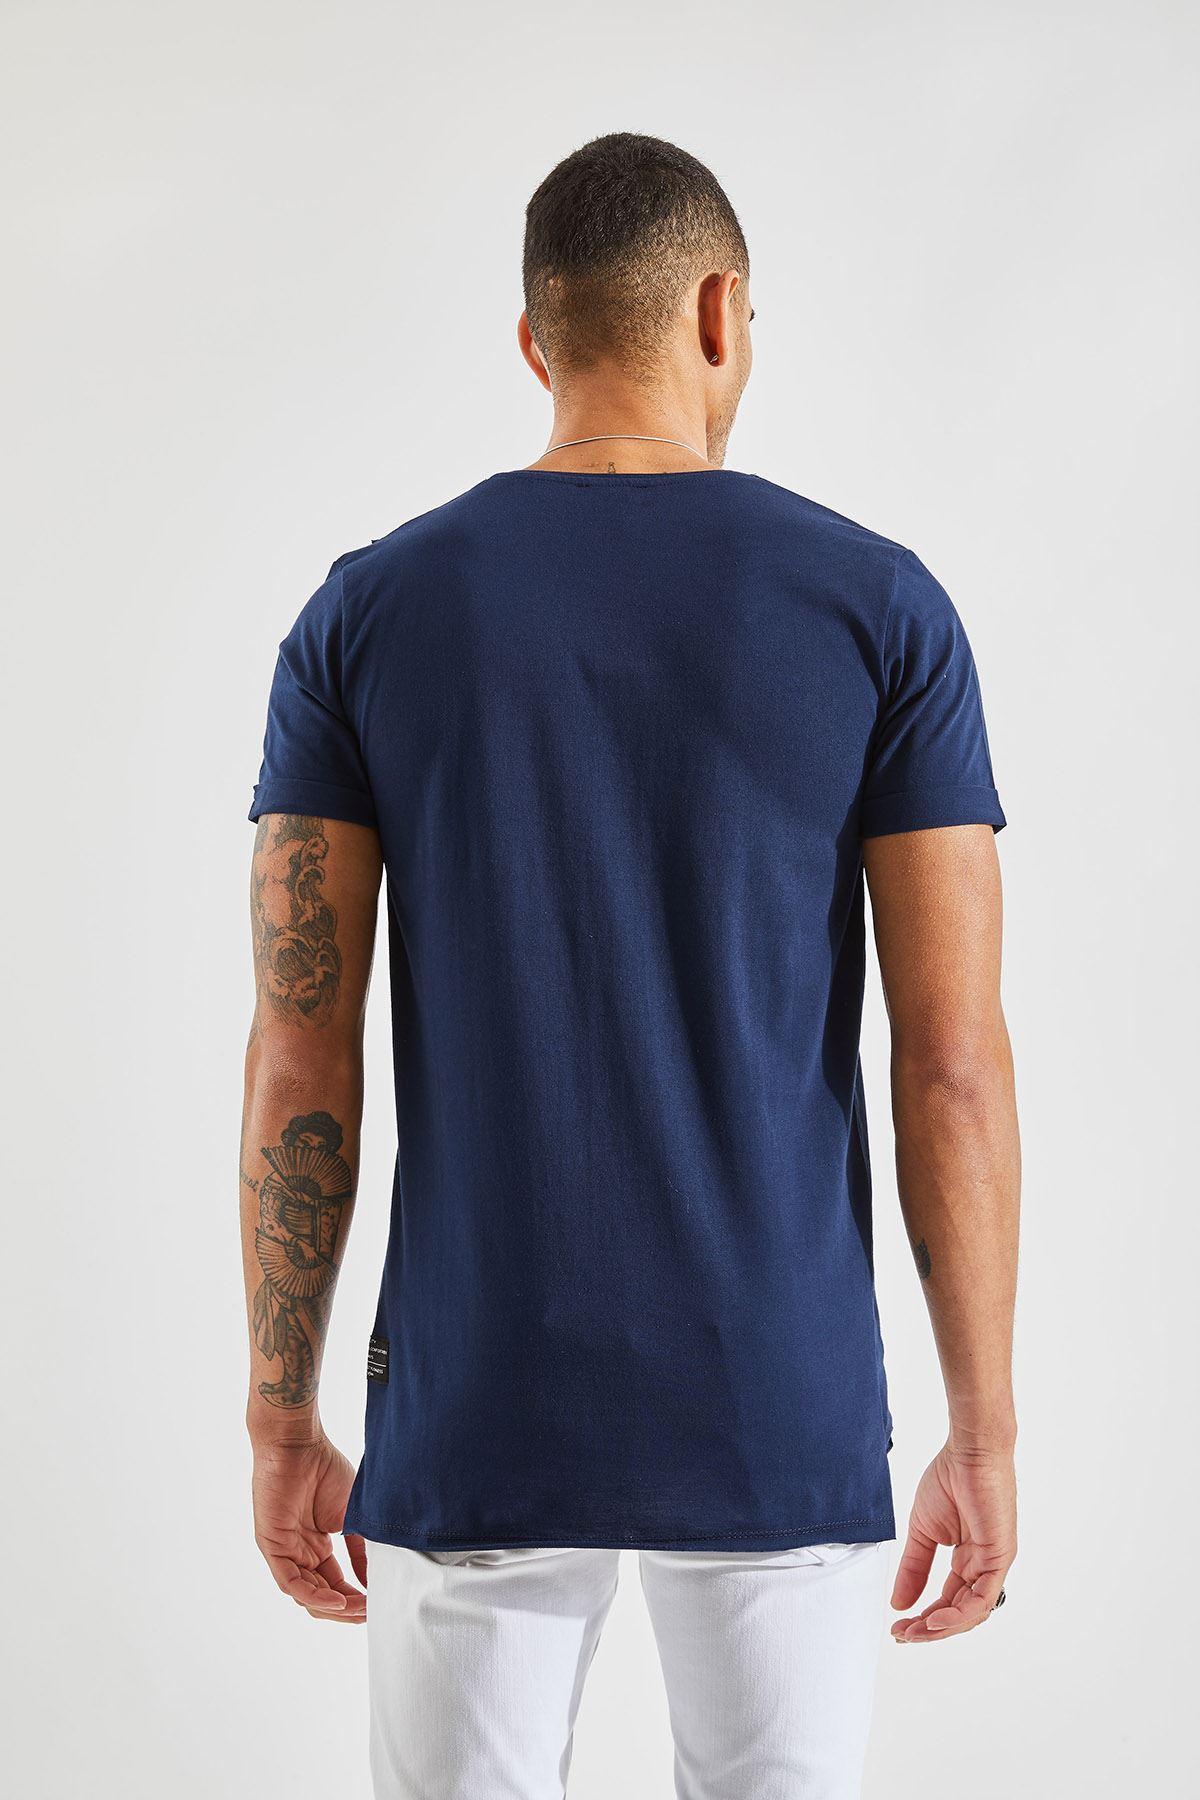 Erkek Cep Karyoka Lacivert Tişört